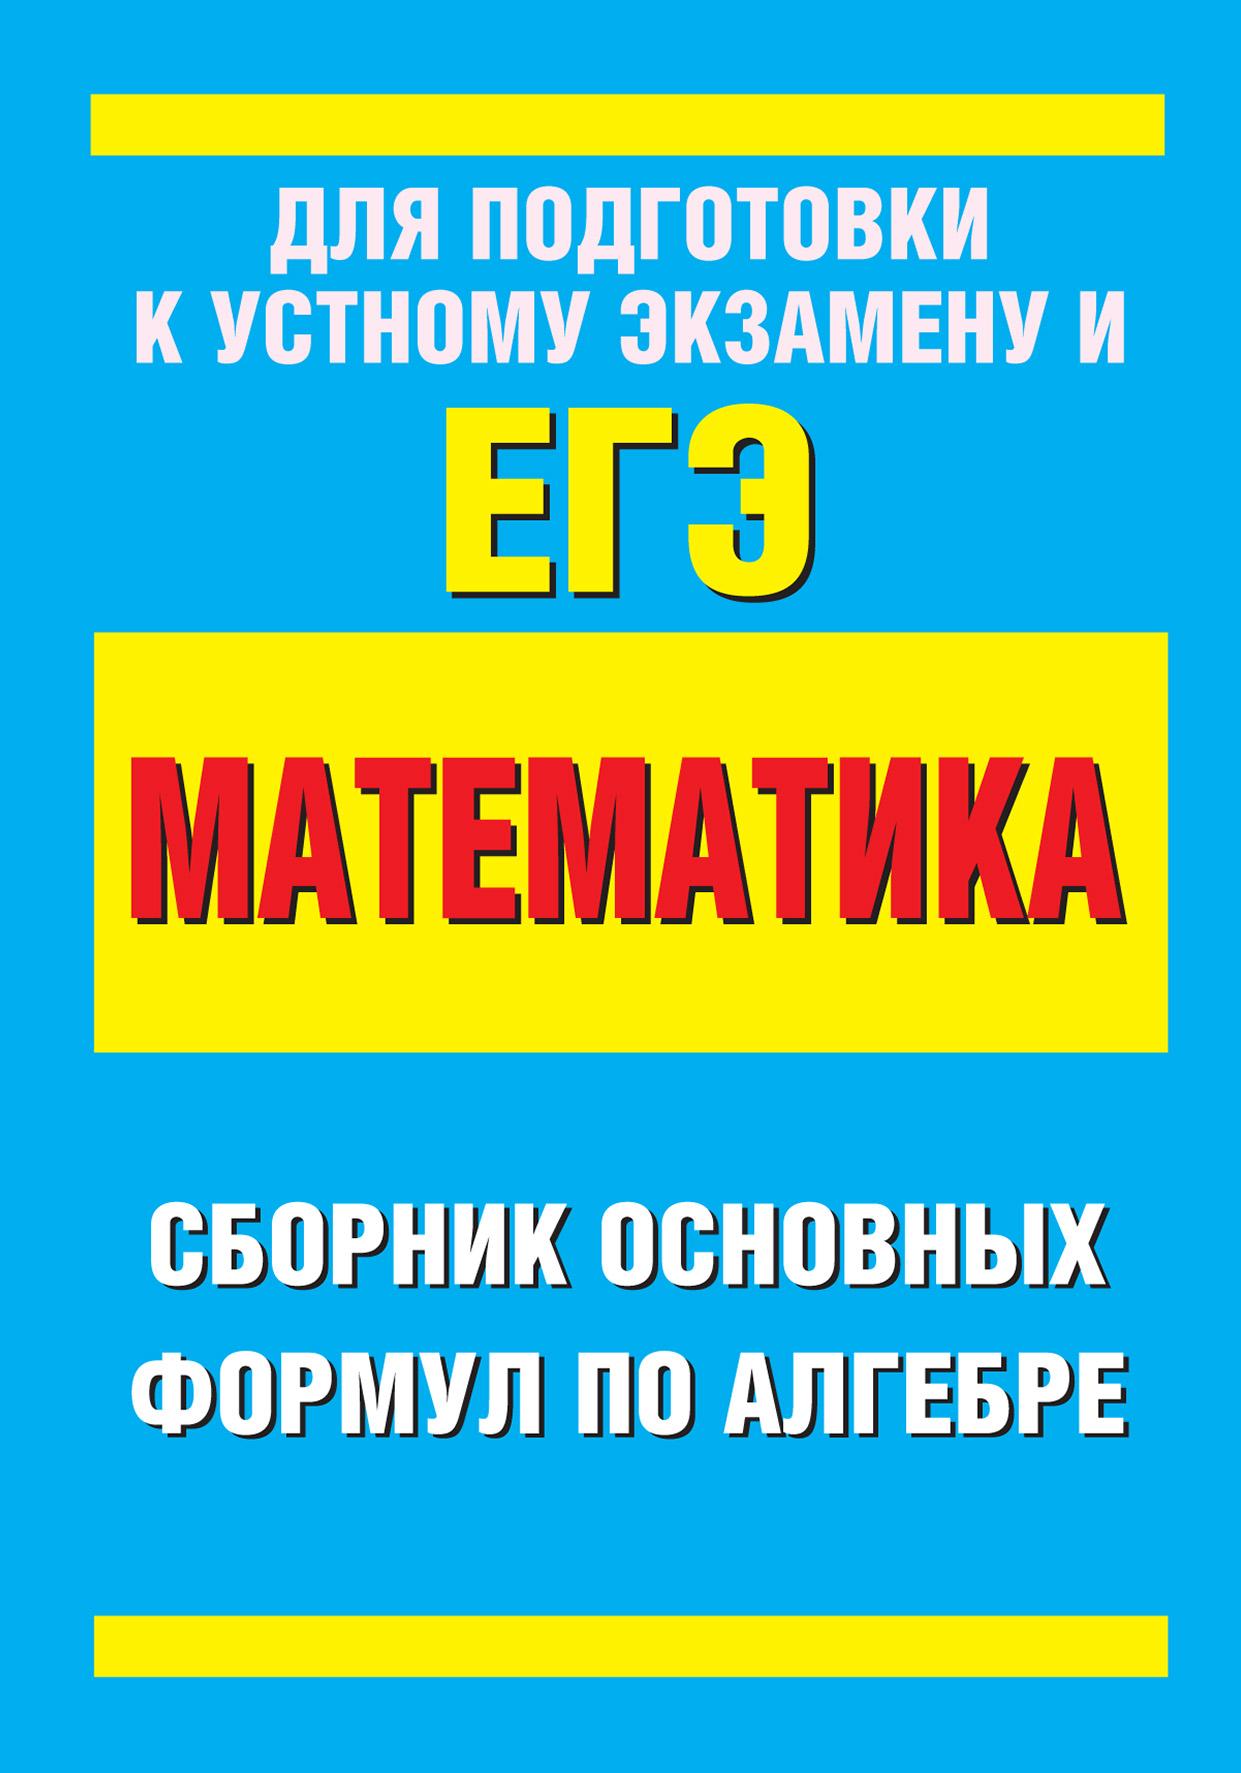 купить Отсутствует Сборник основных формул по алгебре по цене 49.9 рублей